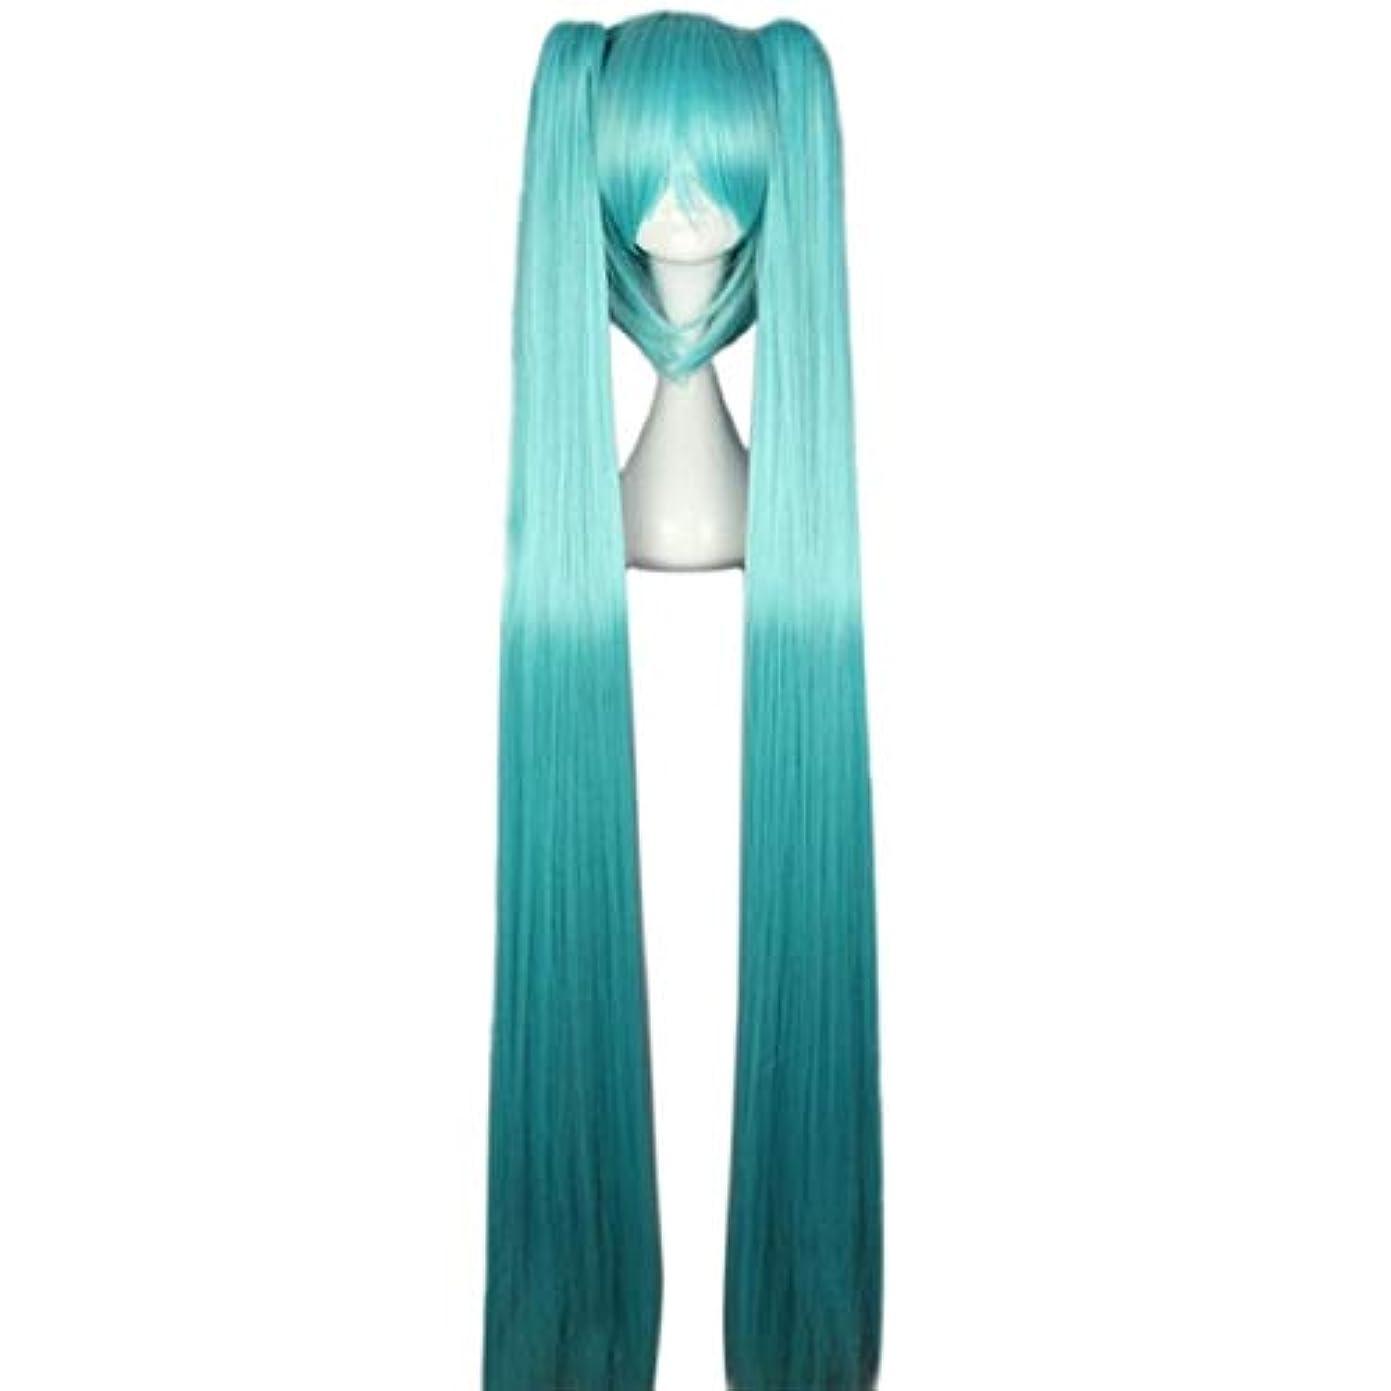 ビートスノーケル請求可能Koloeplf 女性ロングストレートブルーフルウィッグ前髪2ポニーテールアニメコスプレ髪用ボーカロイド初音ミクフィギュア (Color : LAKE BLUE)